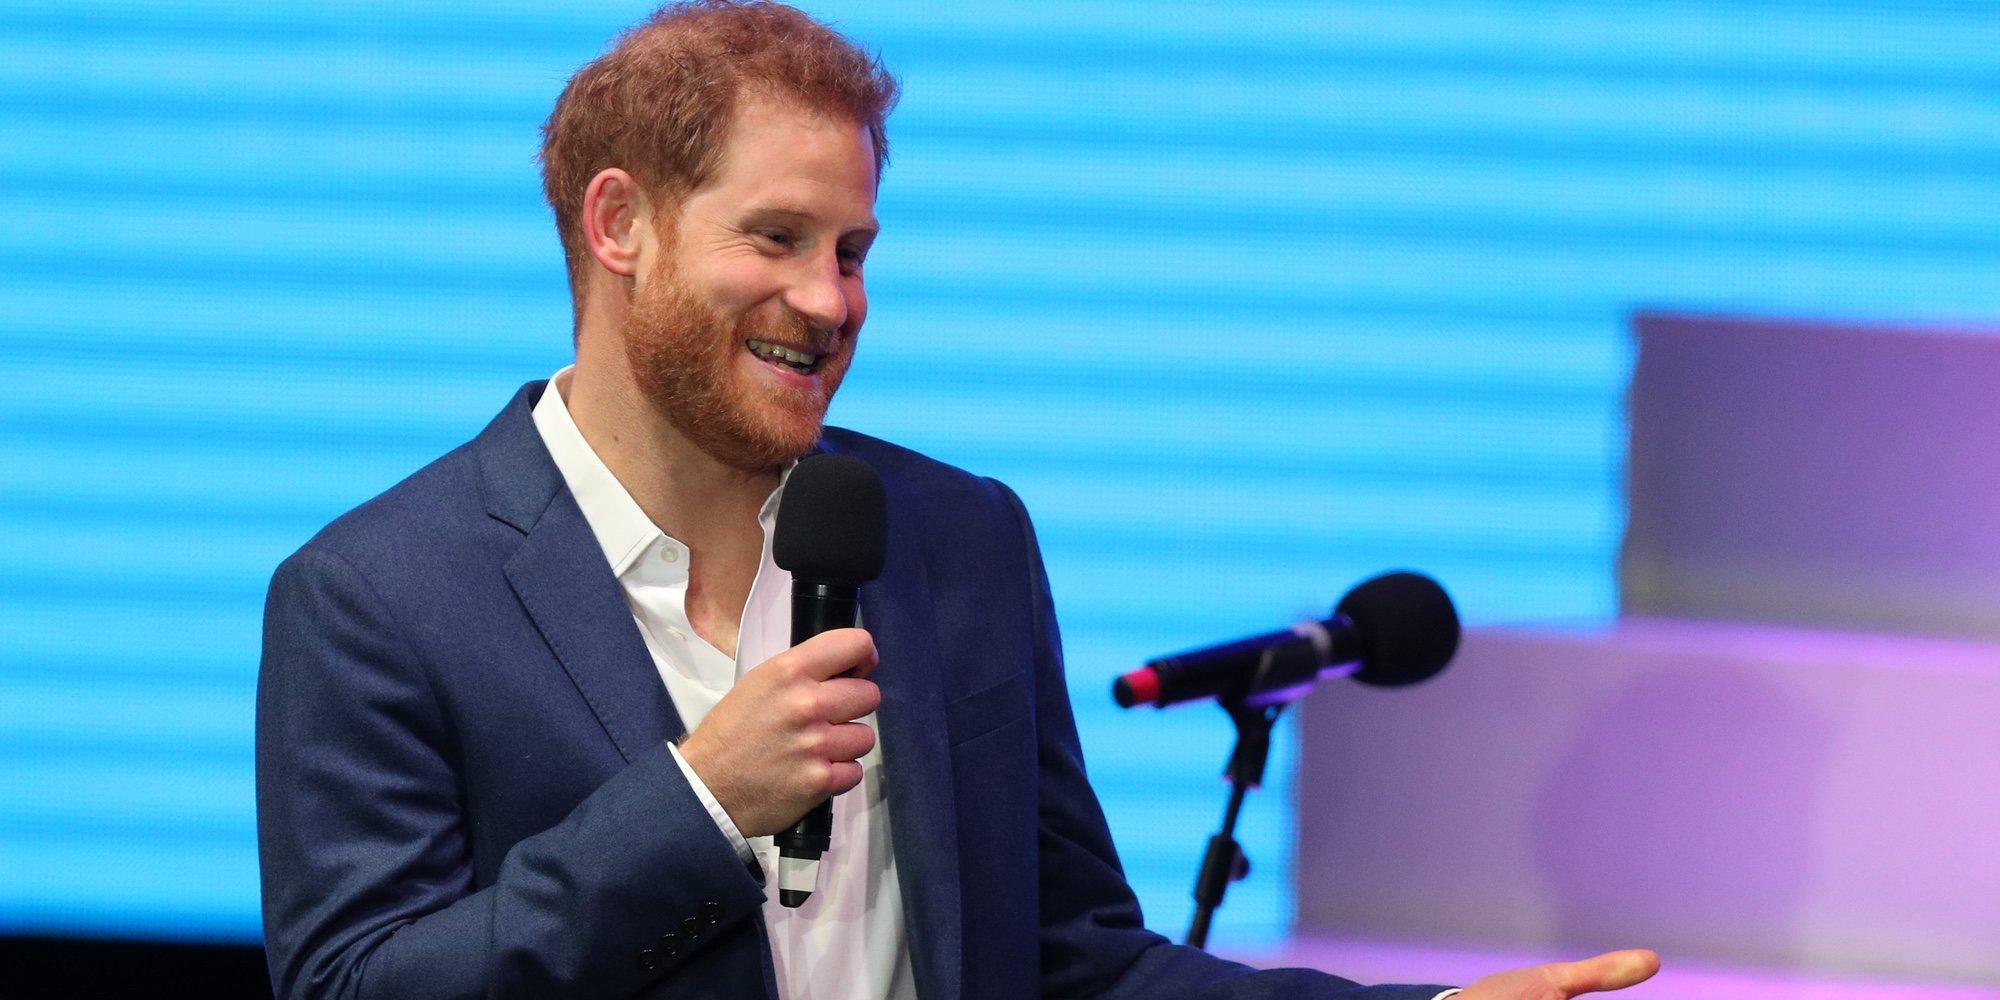 La divertida reacción del Príncipe Harry cuando le tocan el culo en un acto oficial